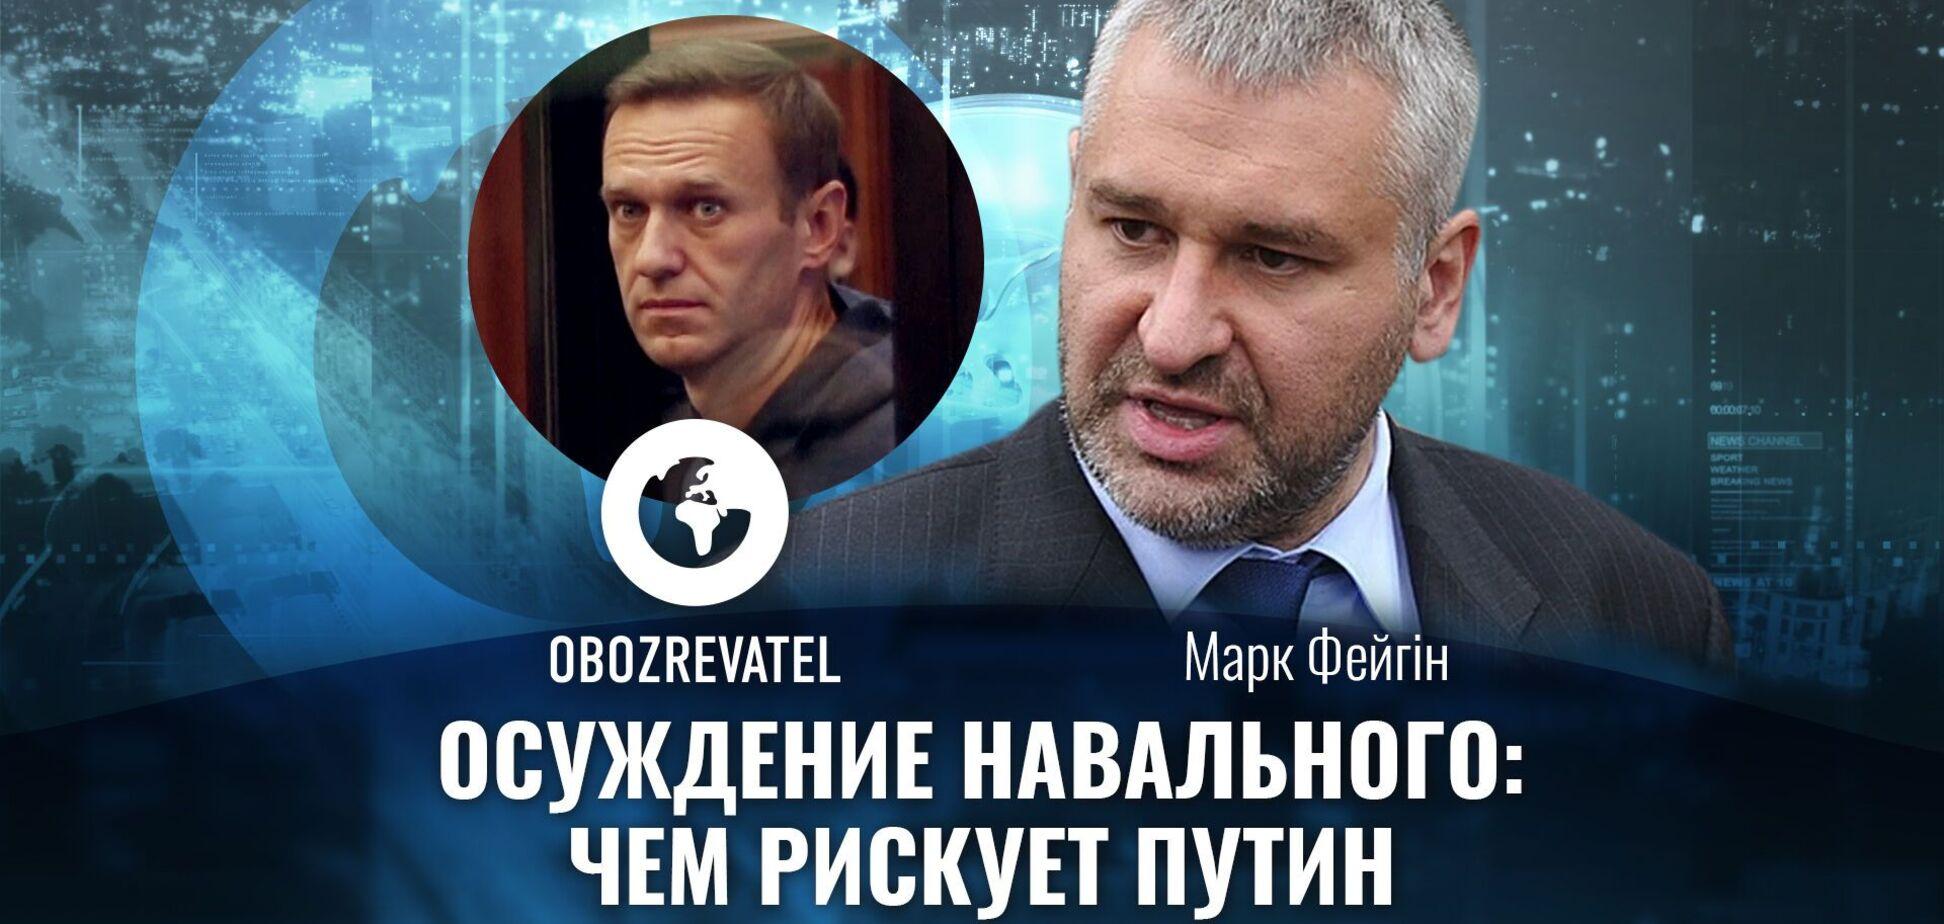 Правозахисник Фейгін: Путін і Навальний йдуть ва-банк